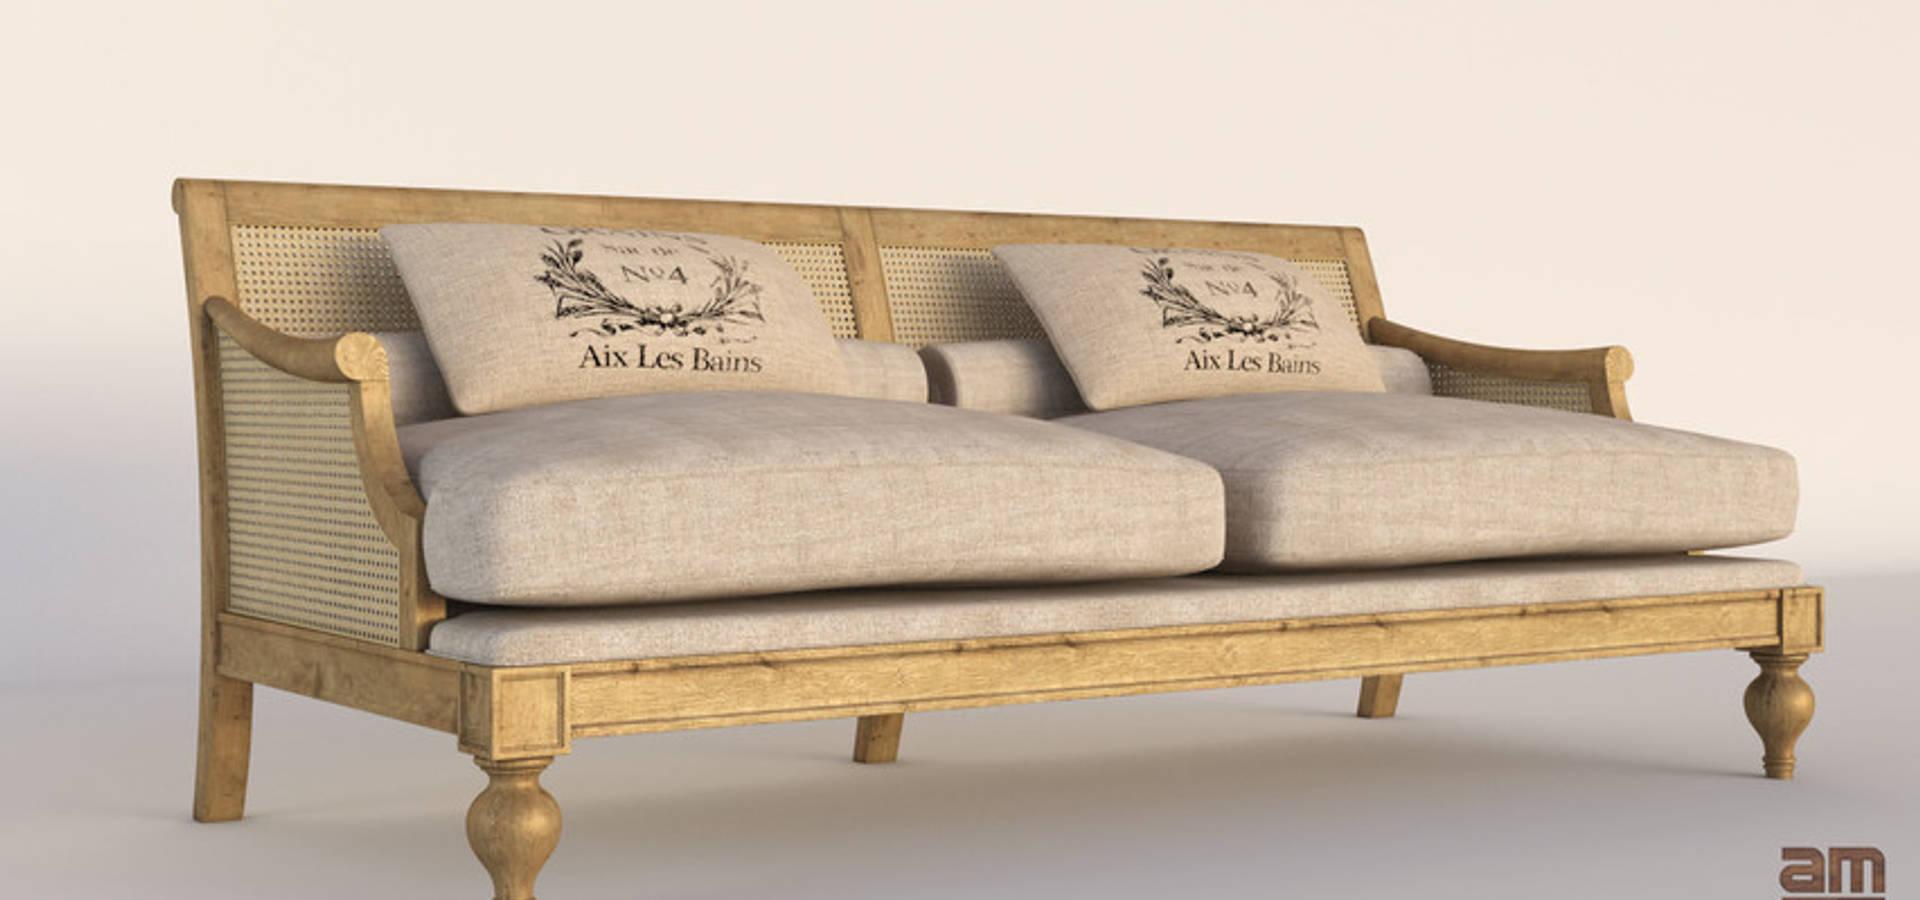 Abel mesa decoradores y dise adores de interiores en - Disenadores de interiores madrid ...